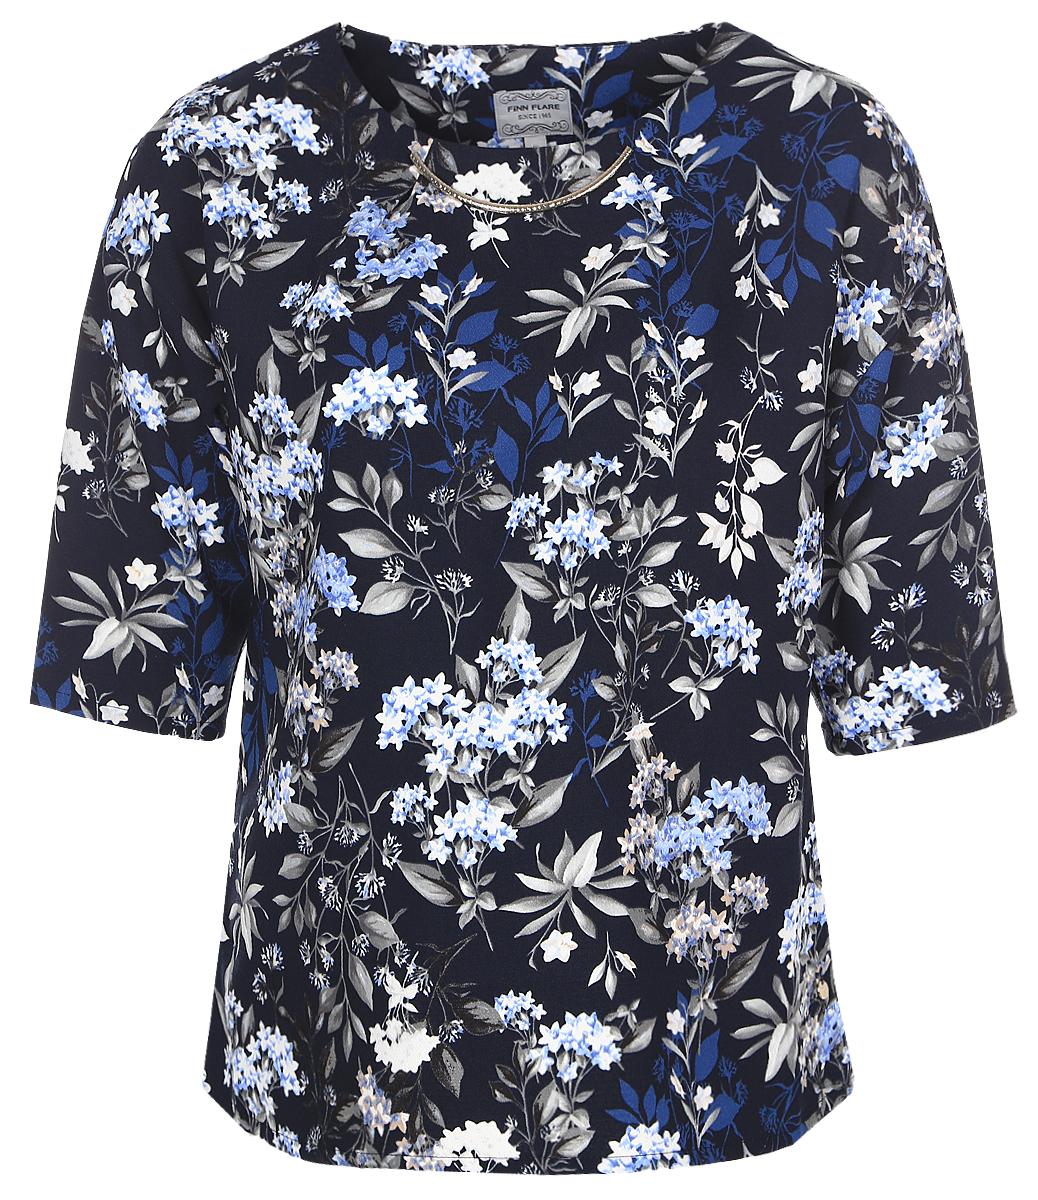 Блузка женская Finn Flare, цвет: темно-синий. B17-11075_101. Размер XXXL (54)B17-11075_101Женская блуза Finn Flare с рукавами до локтя и круглым вырезом горловины выполнена из 100% полиэстера. Блузка имеет свободный крой. Модель оформлена крупным металлическим декоративным элементом под горловиной и украшена оригинальным цветочным принтом.